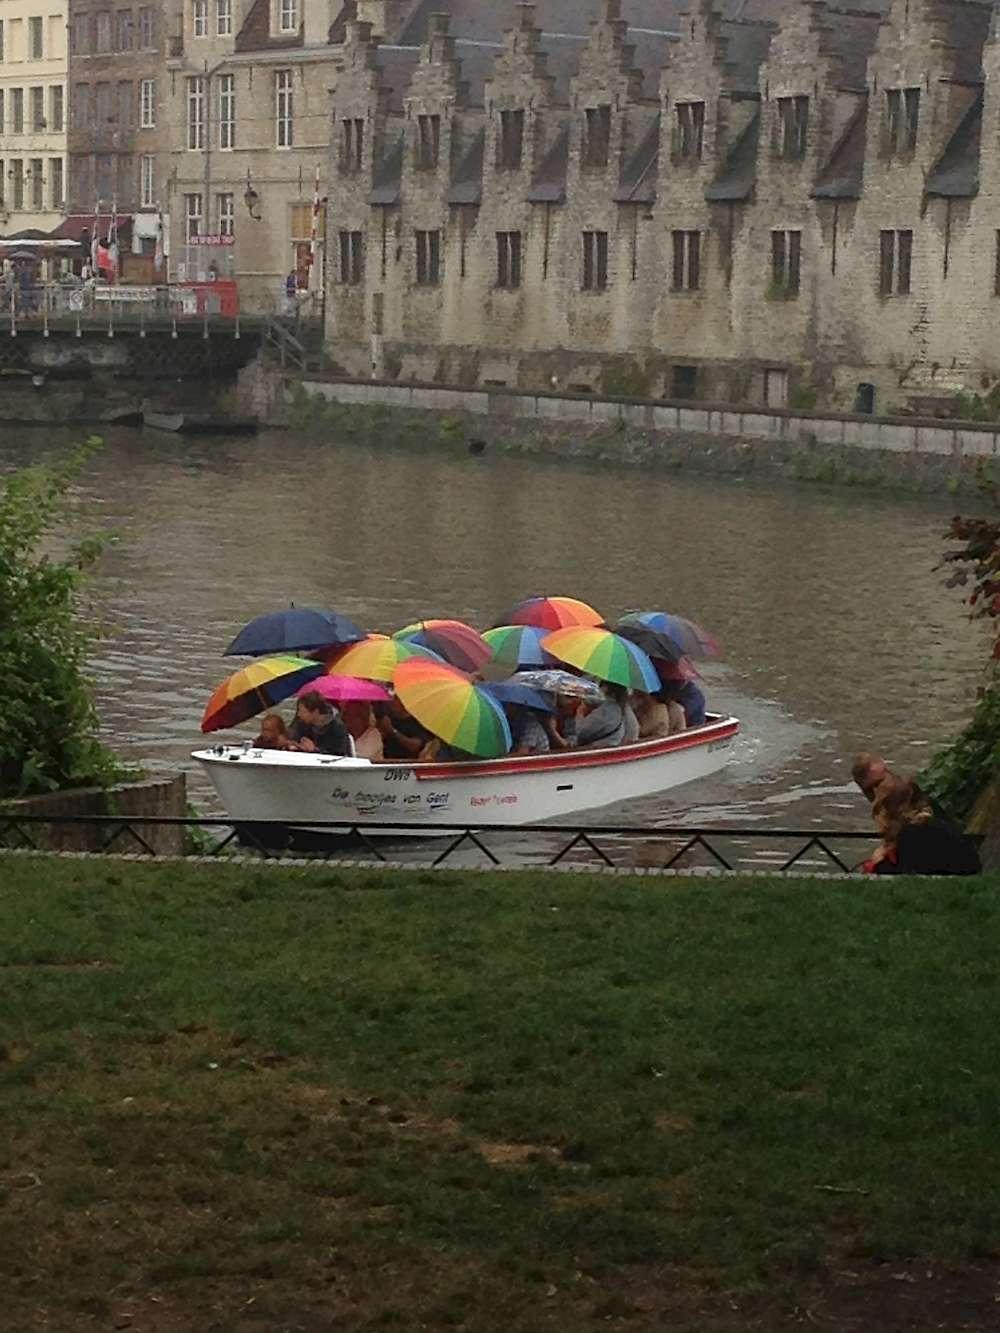 Splash of color on a rainy day, Netherlands